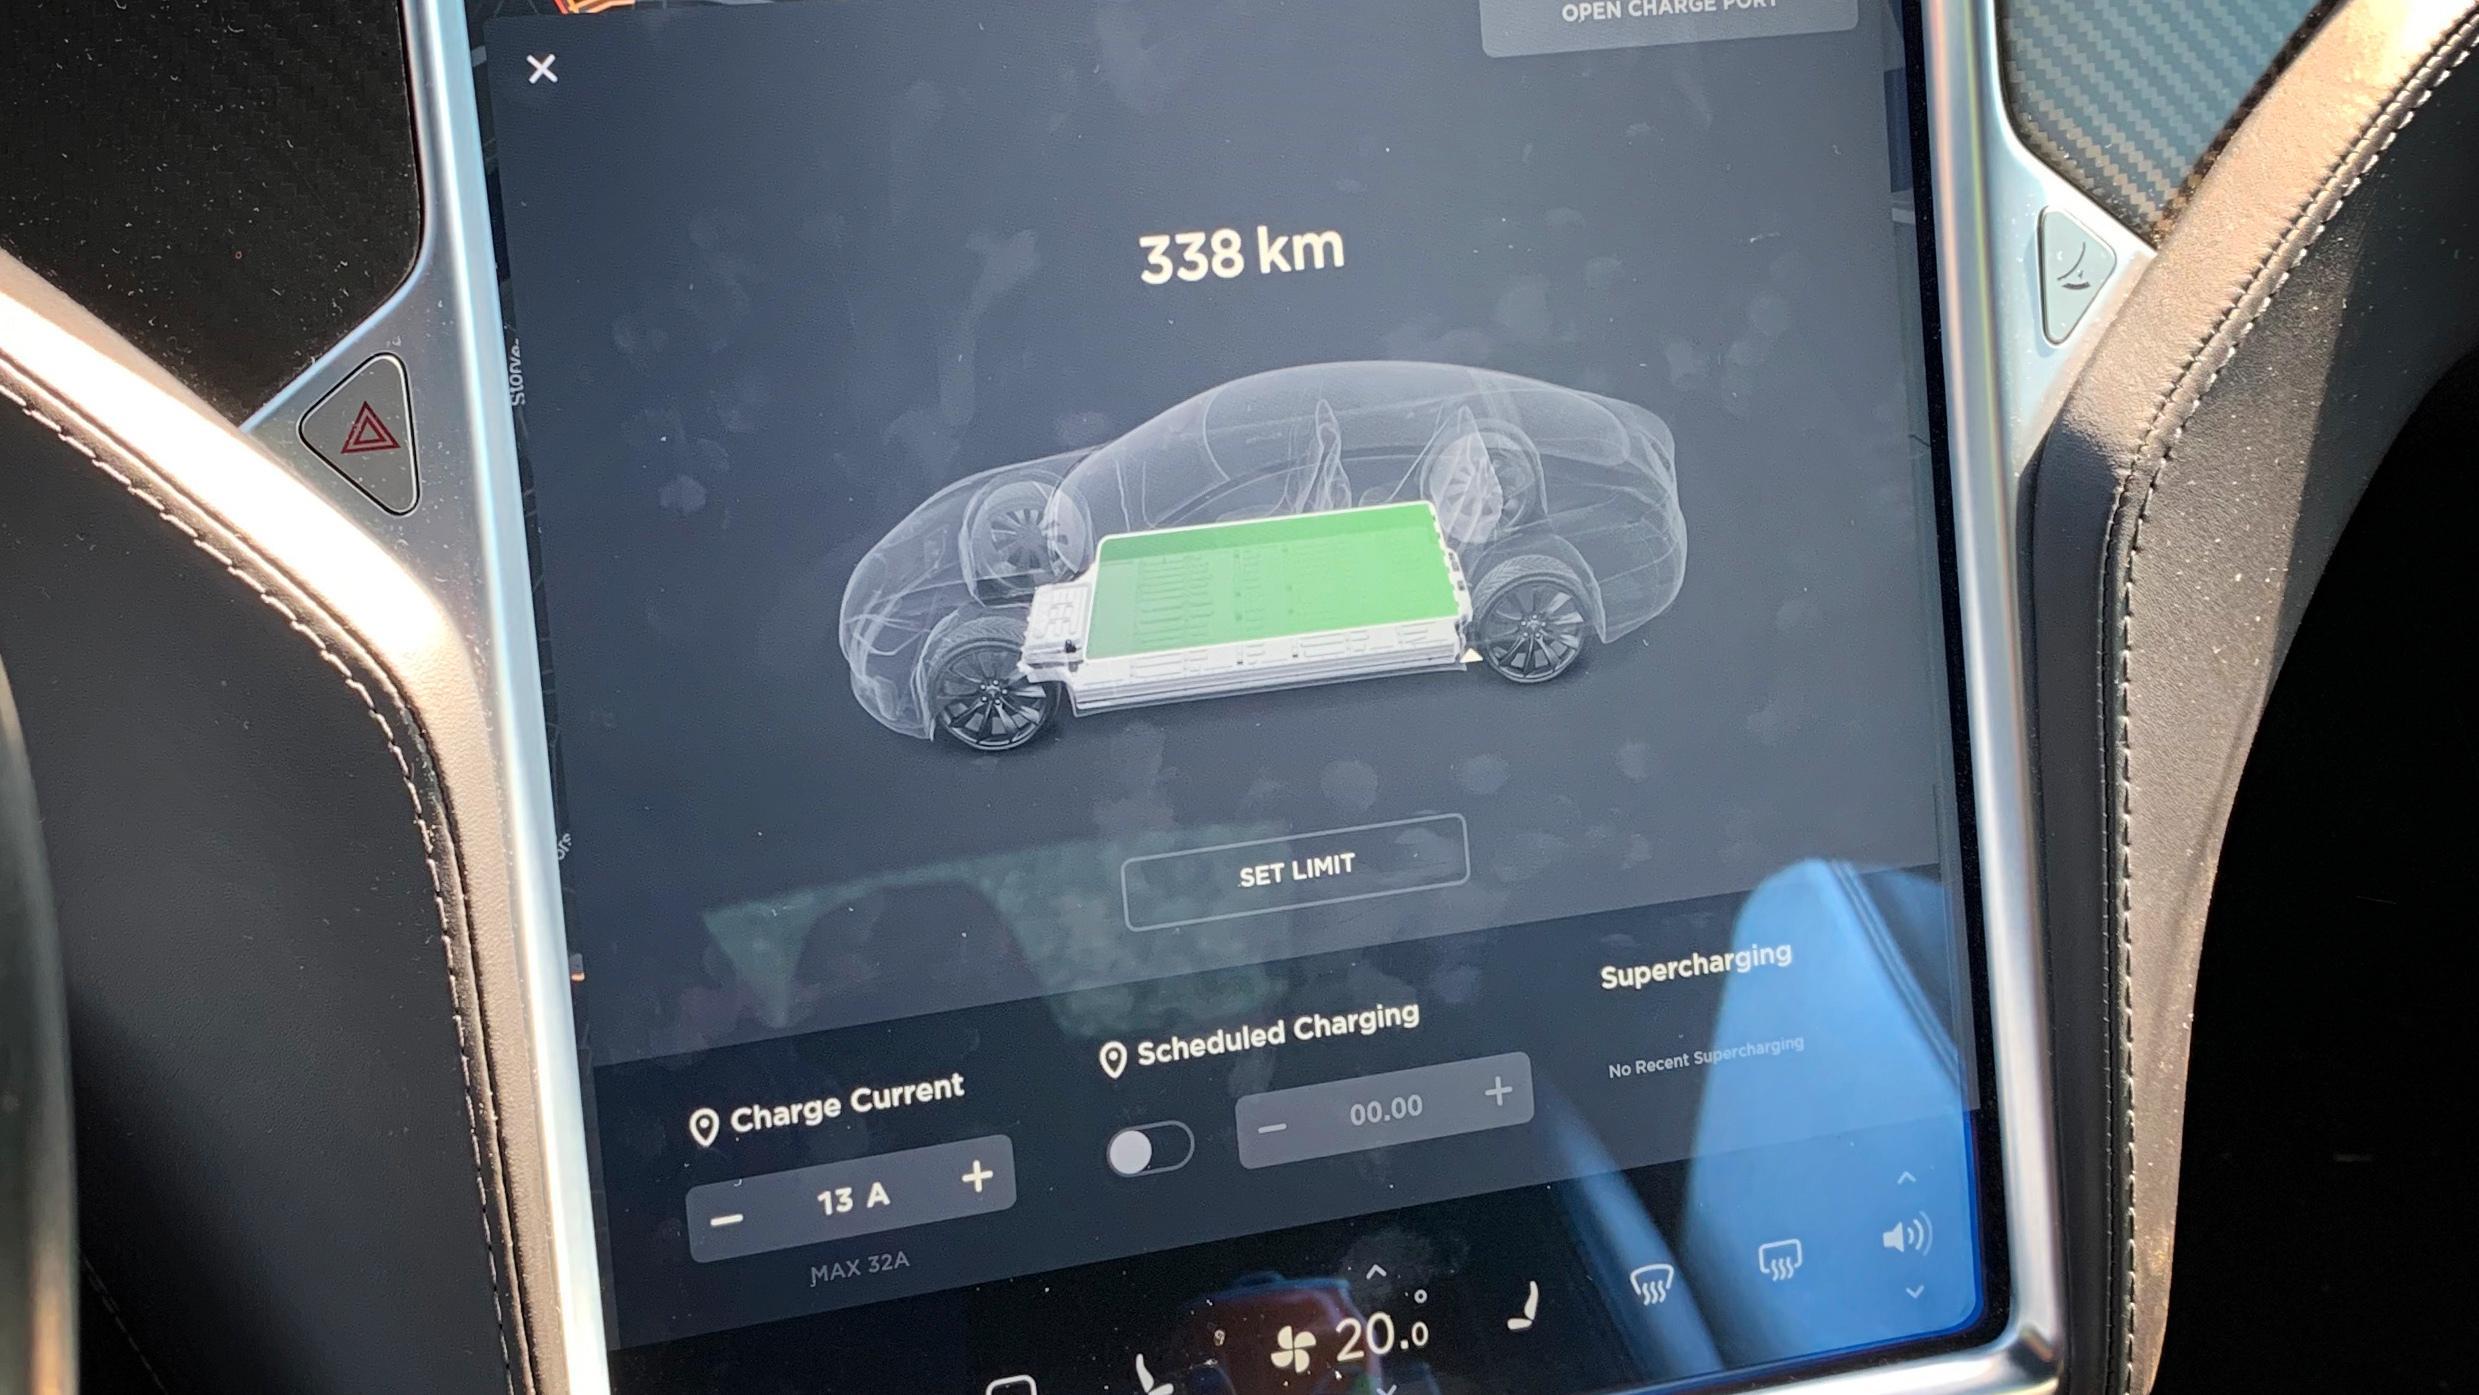 Cato Standal sier rekkevidden han fikk fra sin Tesla Model S var betydelig lavere etter at han fikk bilen tilbake med byttet batteri og oppgradert programvare.